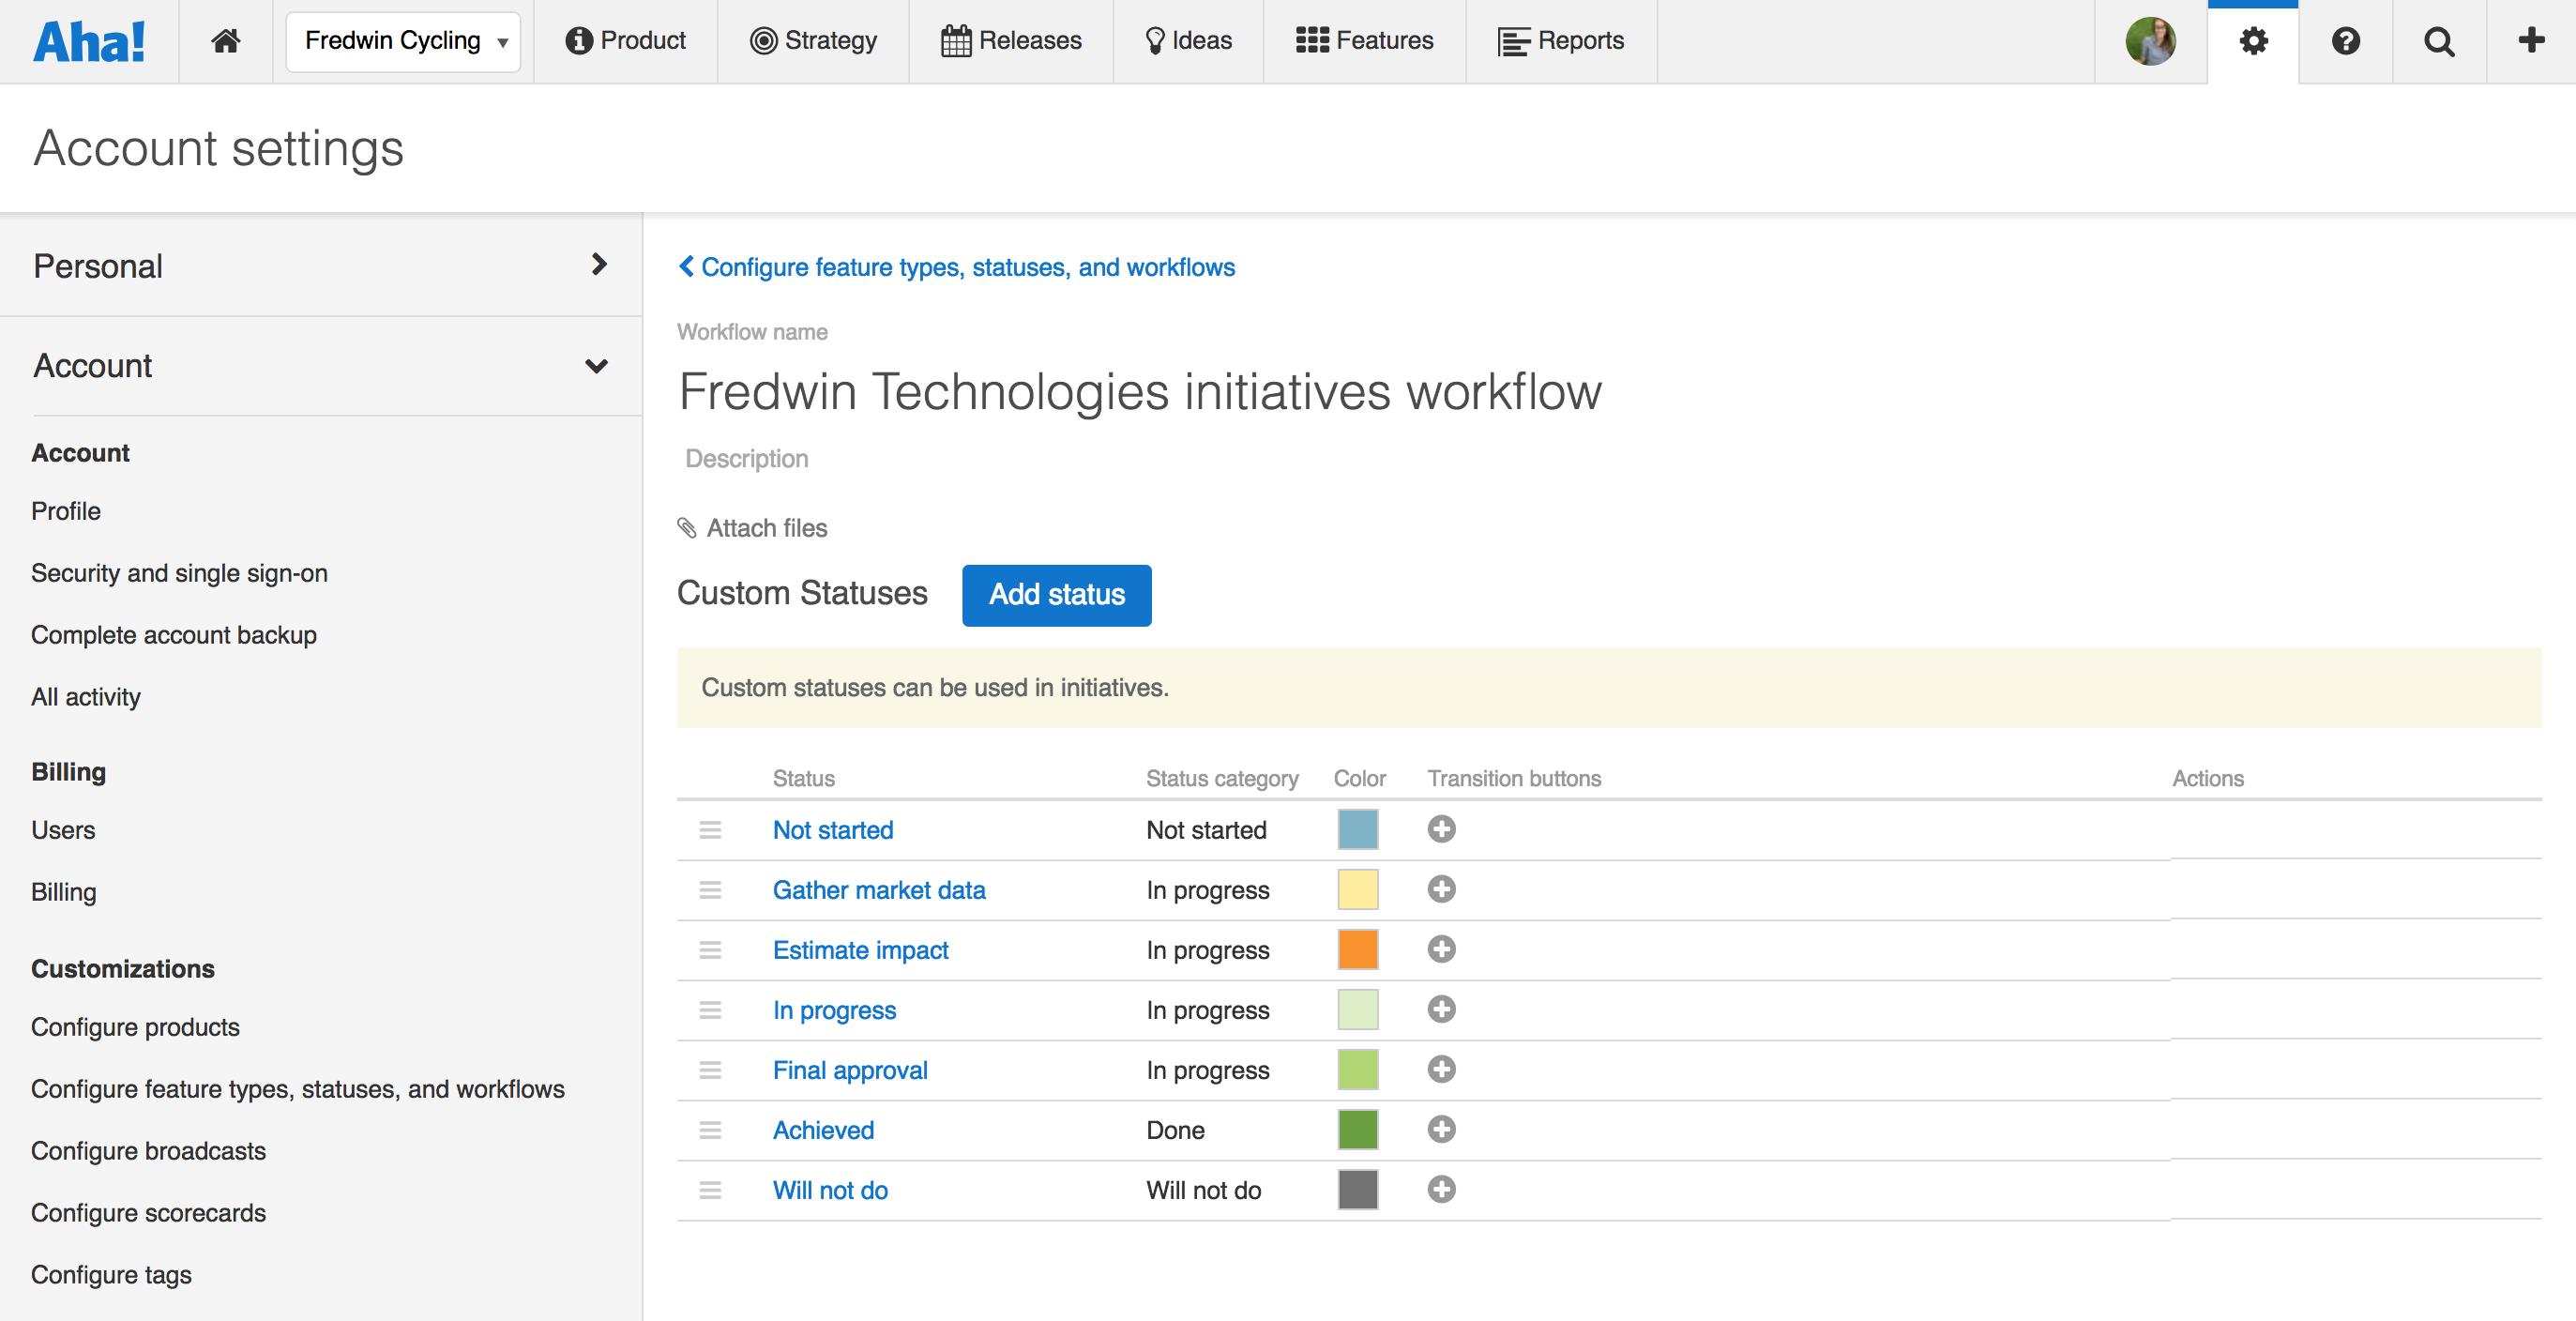 Defining statuses for custom workflow in Aha!